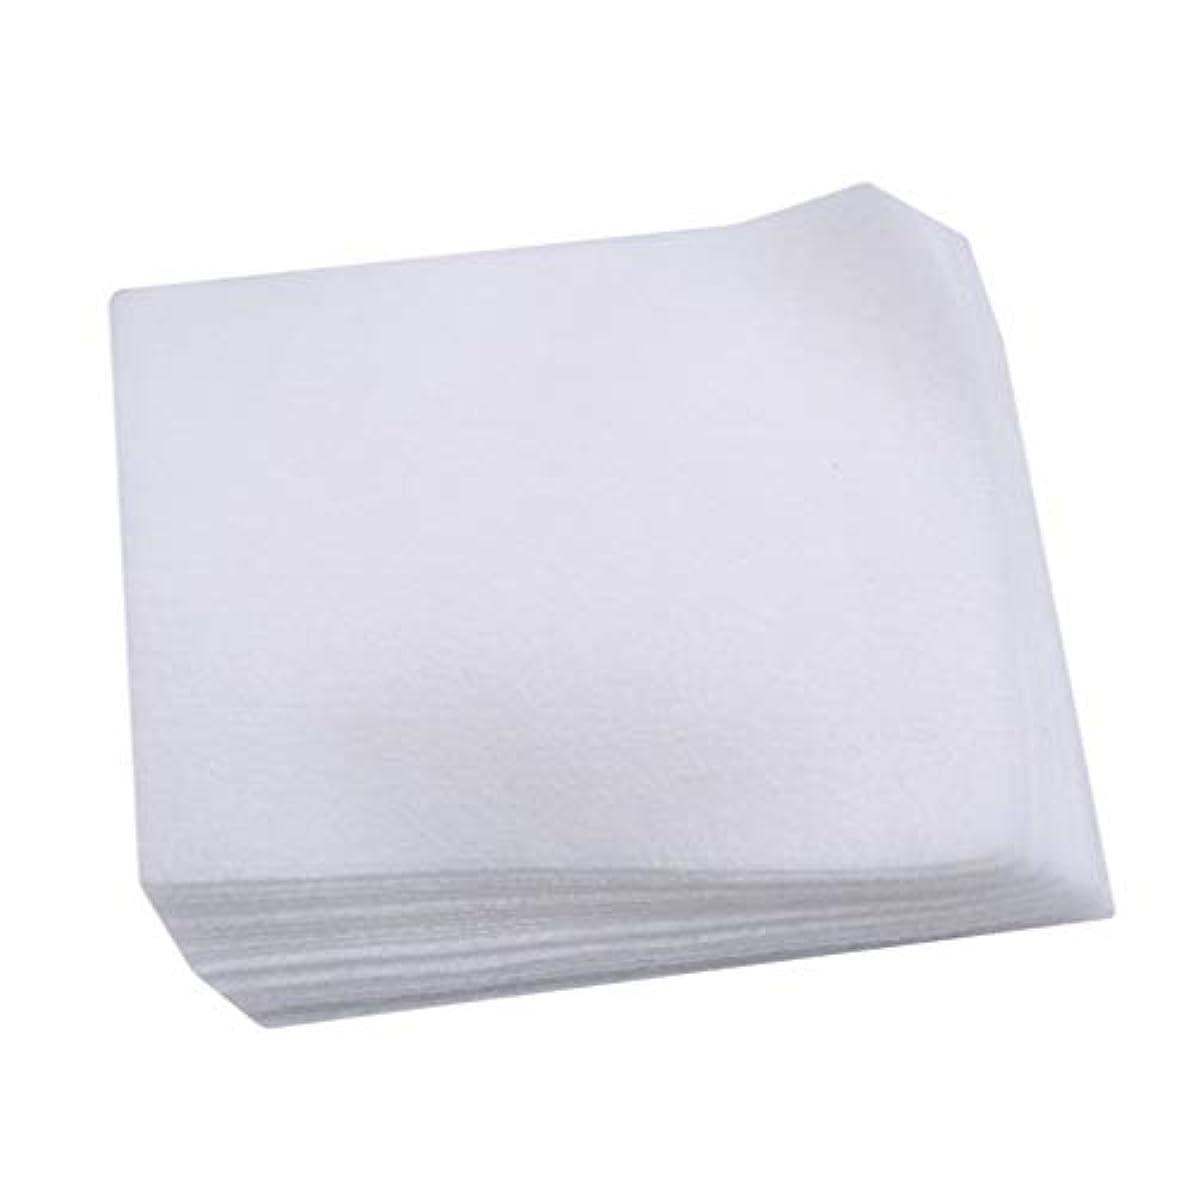 においデクリメントパイプラインNoonlity ビューティーアップコットン 天然綿 化粧コットン 顔クレンジングシート メイク落としシート 角質のふきとり